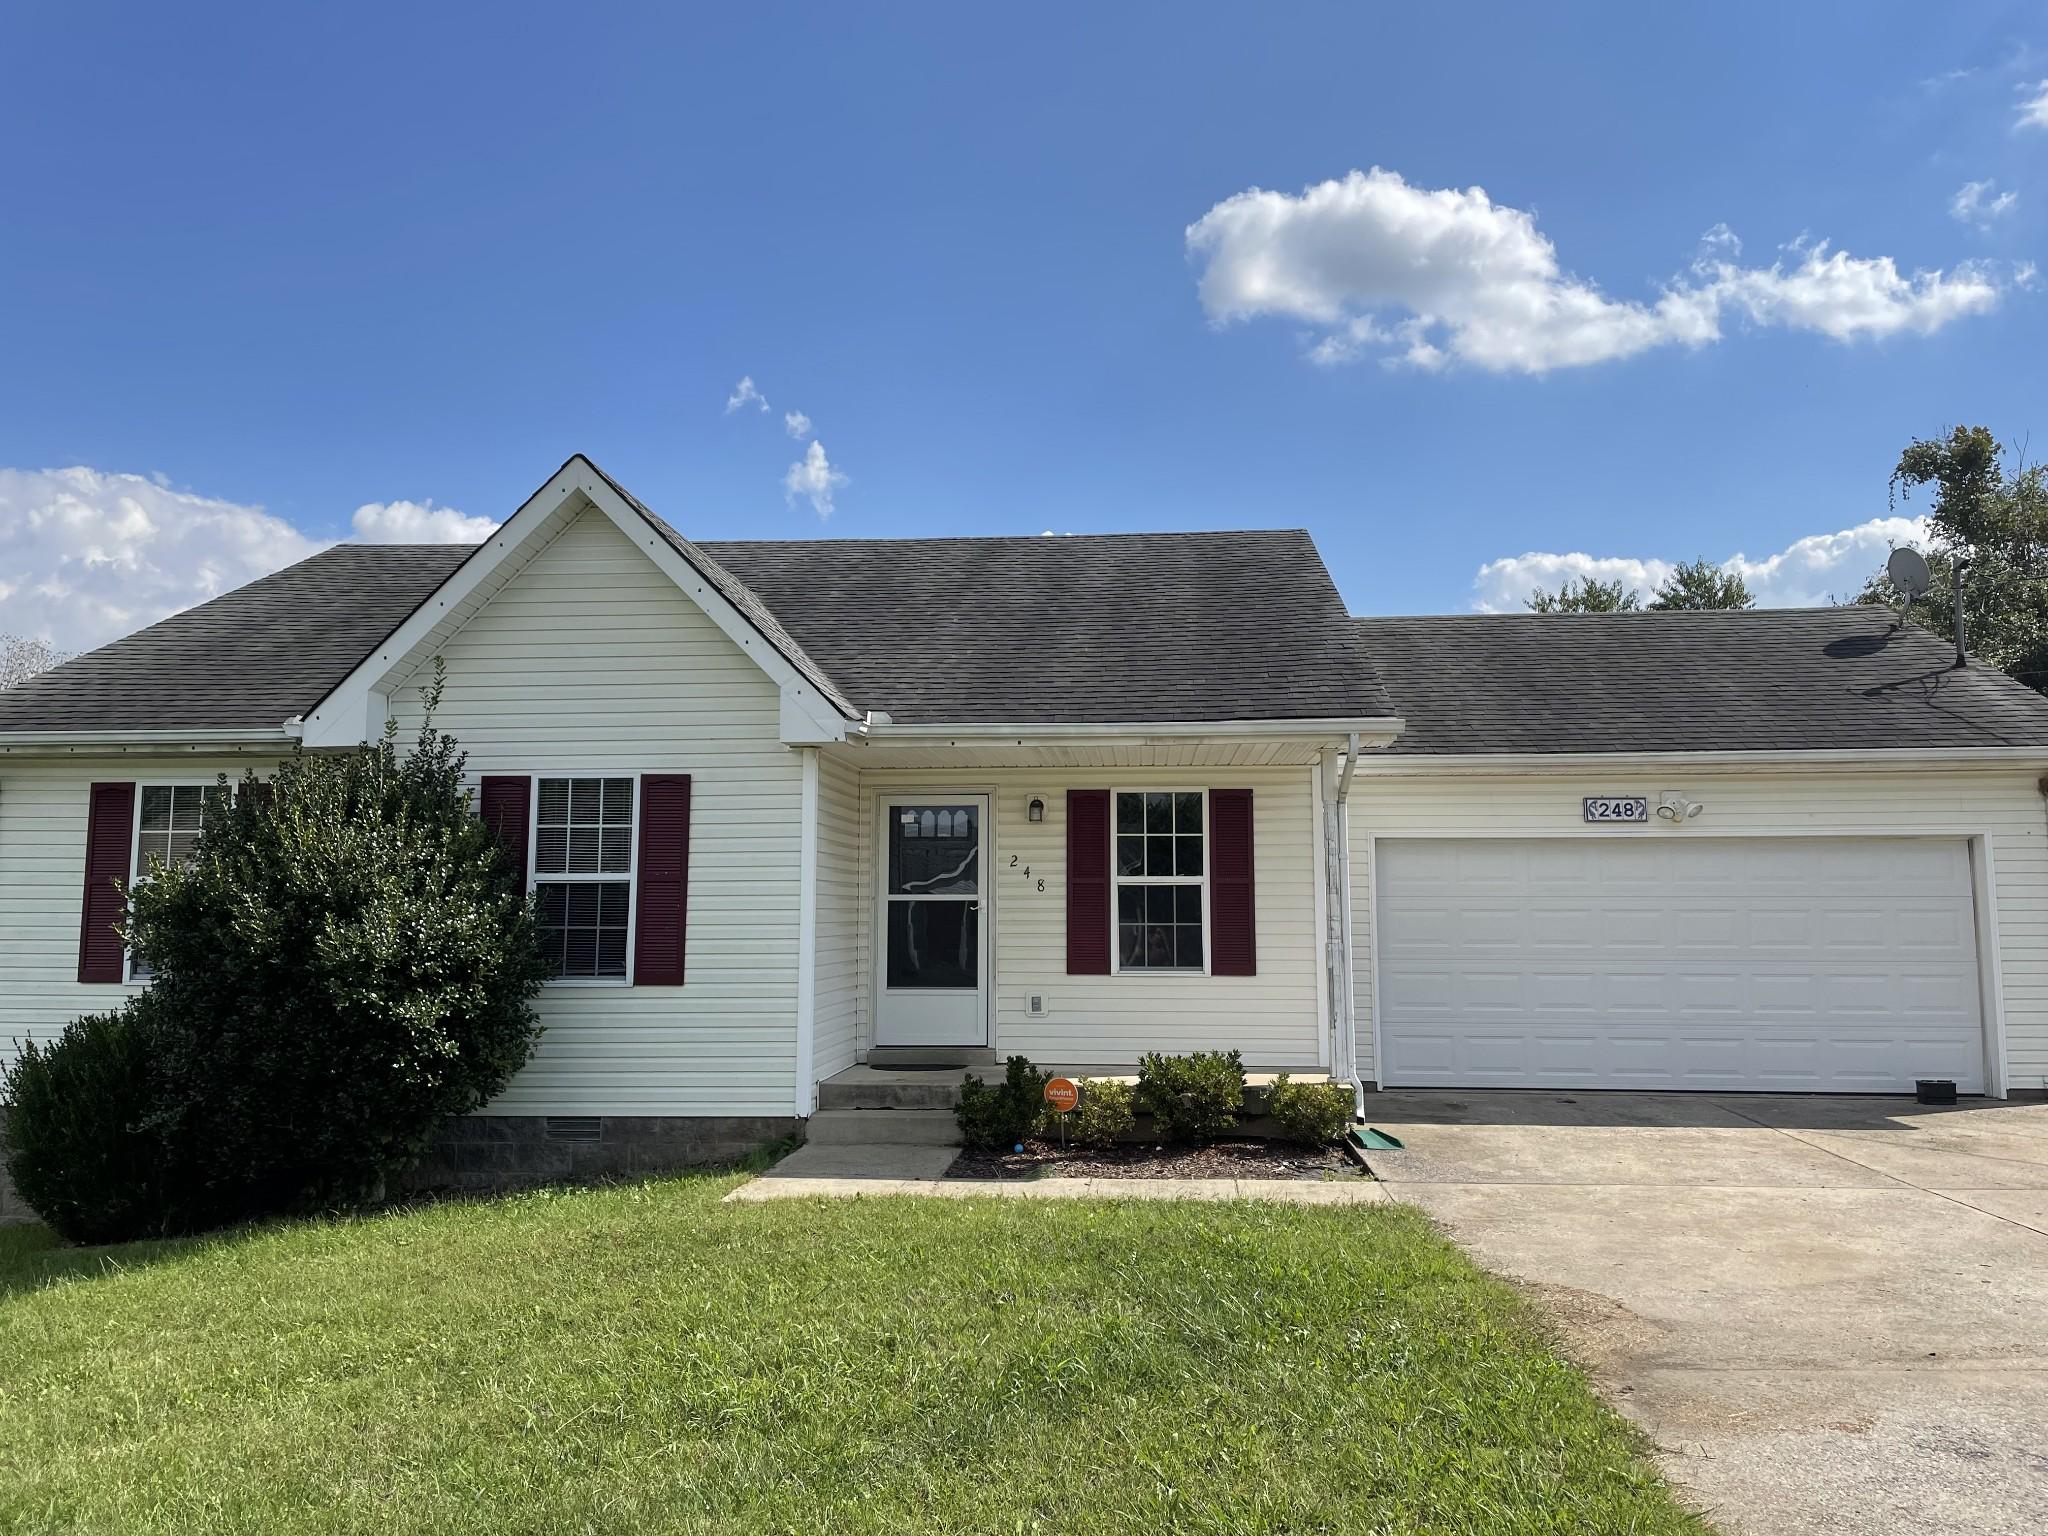 248 Golden Pond Ave, Oak Grove, KY 42262